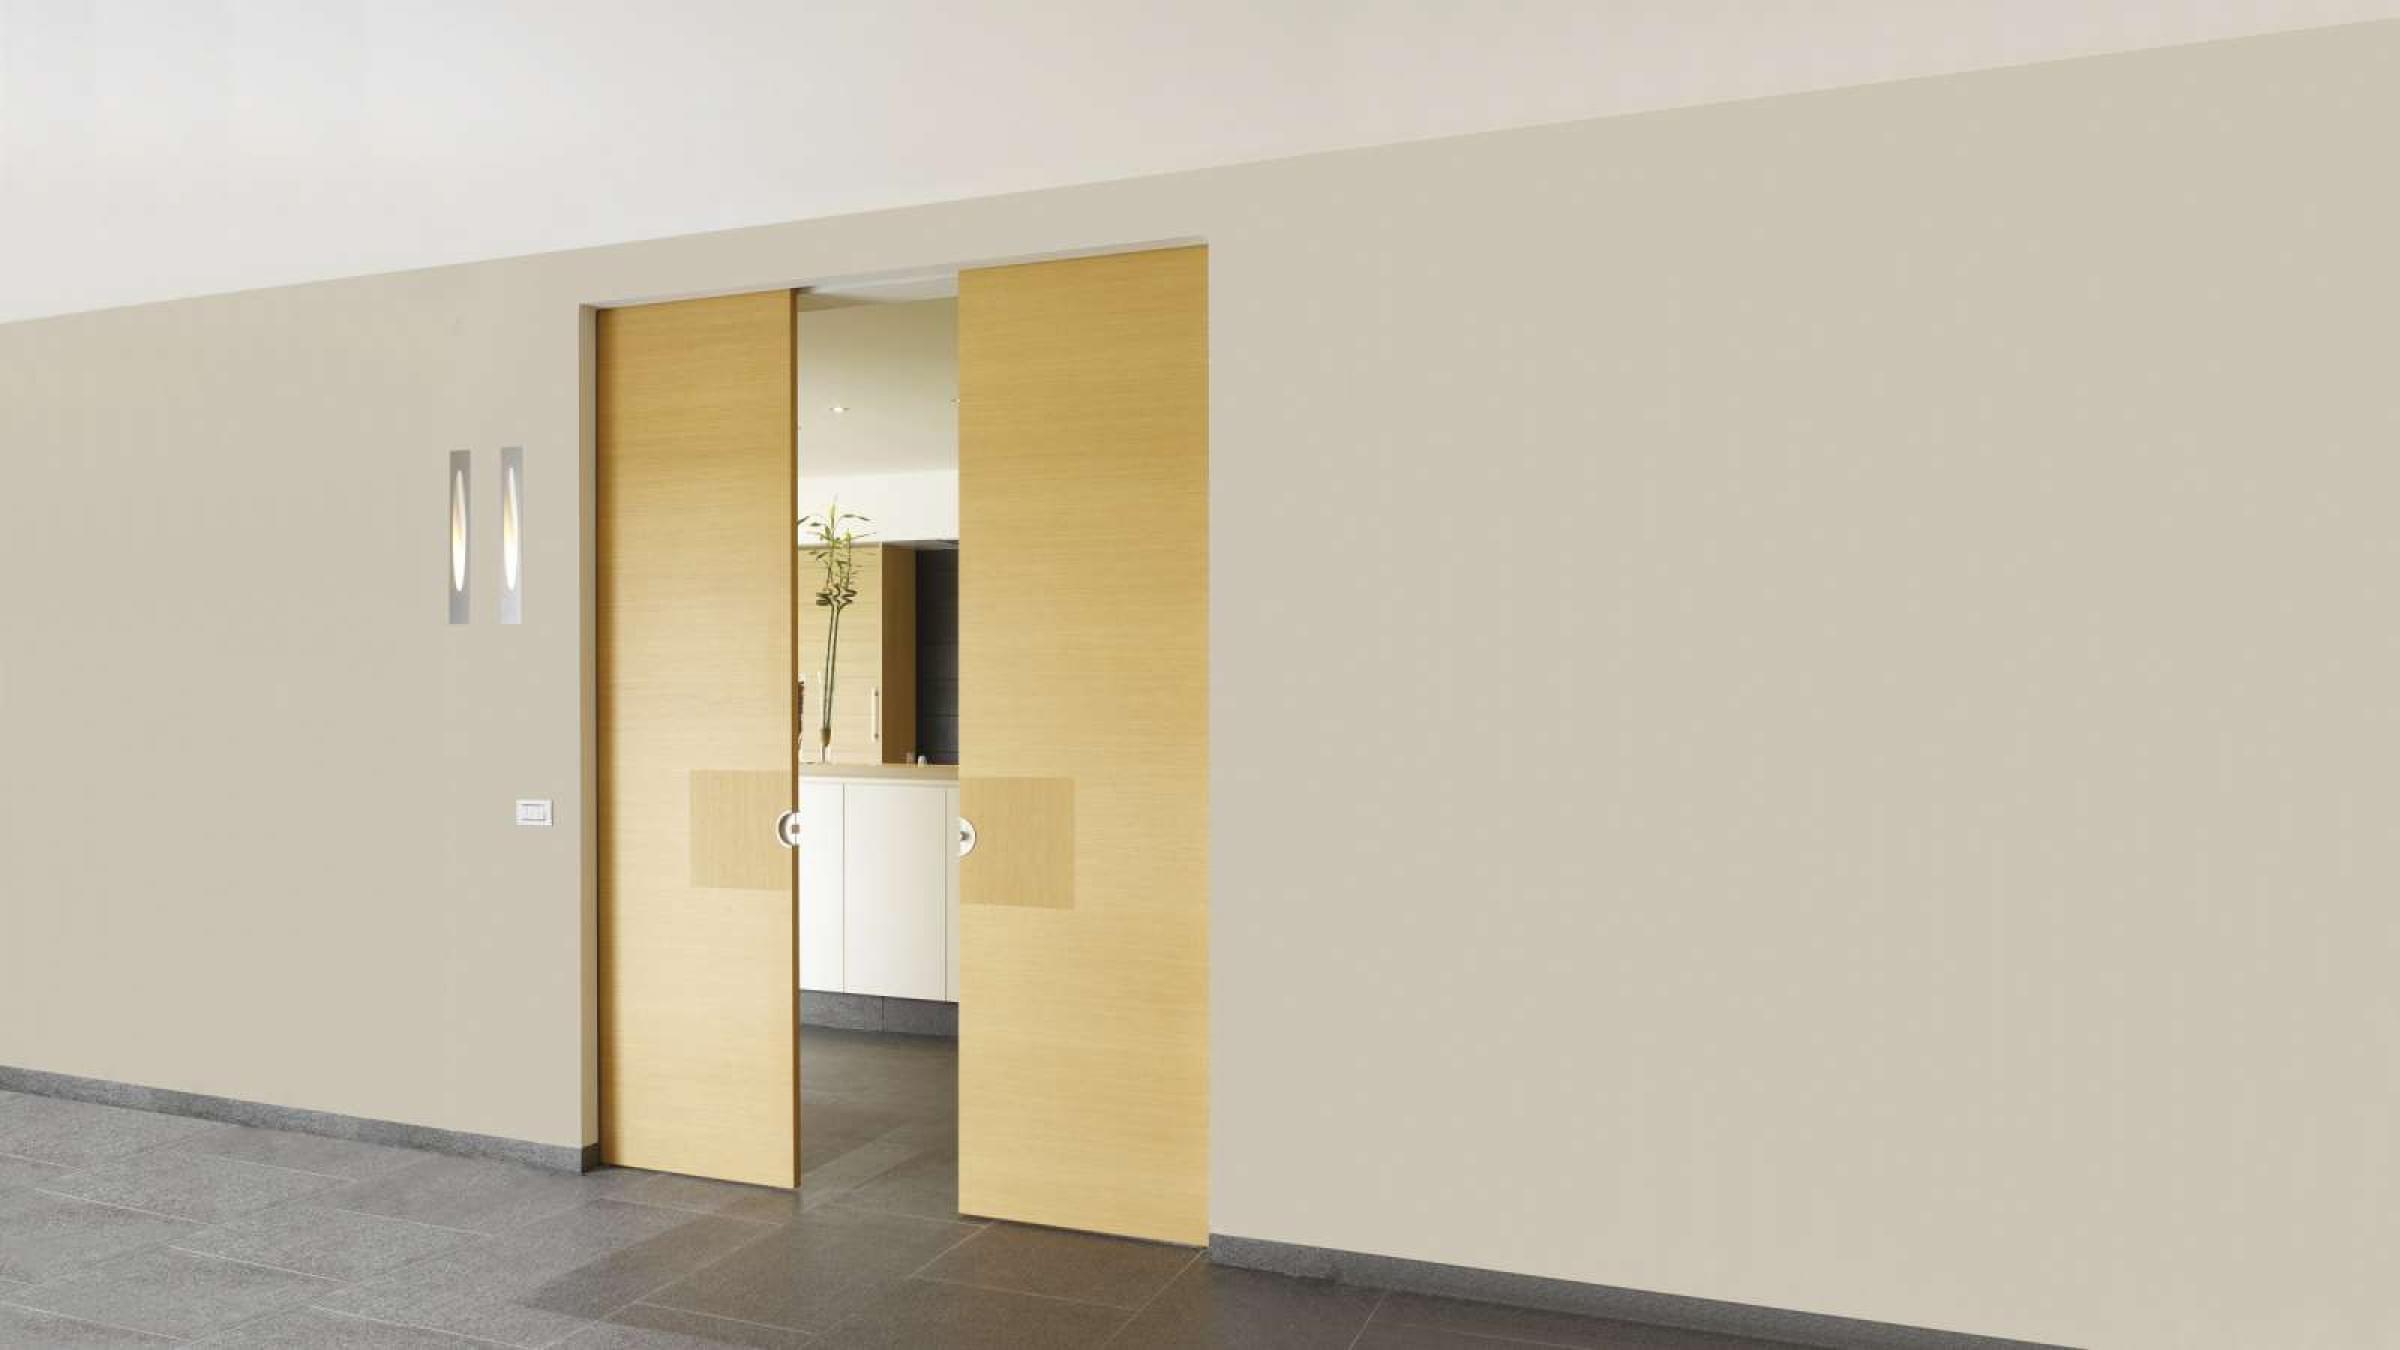 nordex-dubbele-deuren-modern-2400